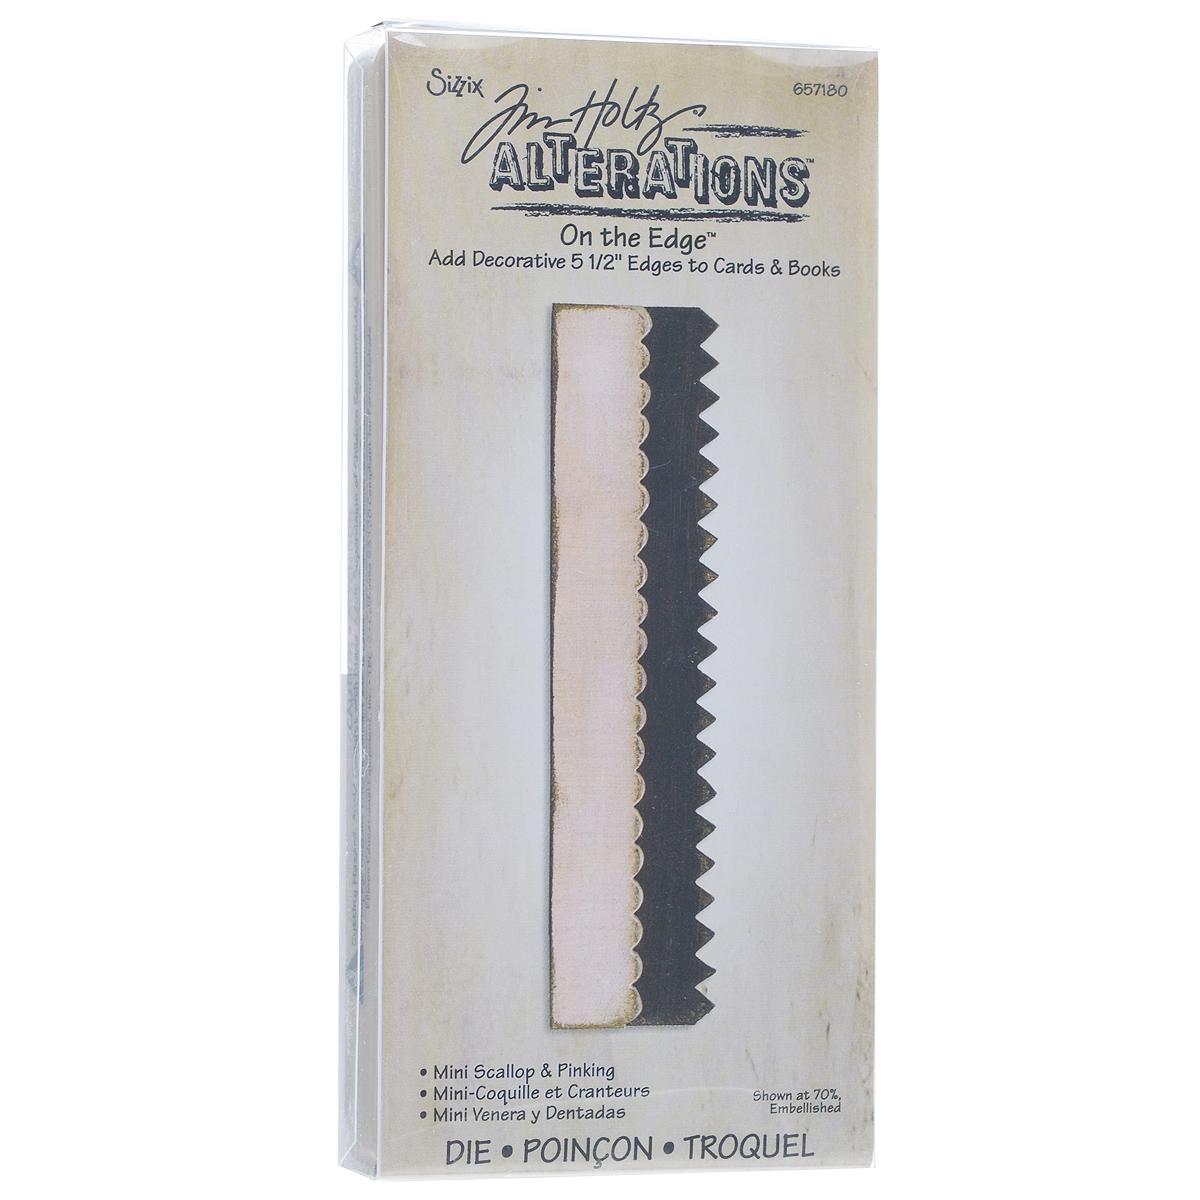 Форма для вырубки края Sizzix Кружевной и зубчатый края657180С помощью формы для вырубки Sizzix Кружевной и зубчатый края, изготовленной из пластика и металла, можно создать красивый контур у вырубной фигуры. Форма для вырубки - это определенной формы нож, обеспечивающий форму вырубной фигуры. Он режет бумагу, картон и ткань. Форма станет незаменимой при создании скрап-страничек, открыток и конвертов с резными декоративными фигурками и ажурными украшениями. Форма для вырубки разнообразит вашу работу и добавит вдохновения для новых идей. Форма подходит для машинки для вырубки. Максимальная длина края для обработки: 14 см. Размер формы: 15 см х 7 см х 1,7 см.